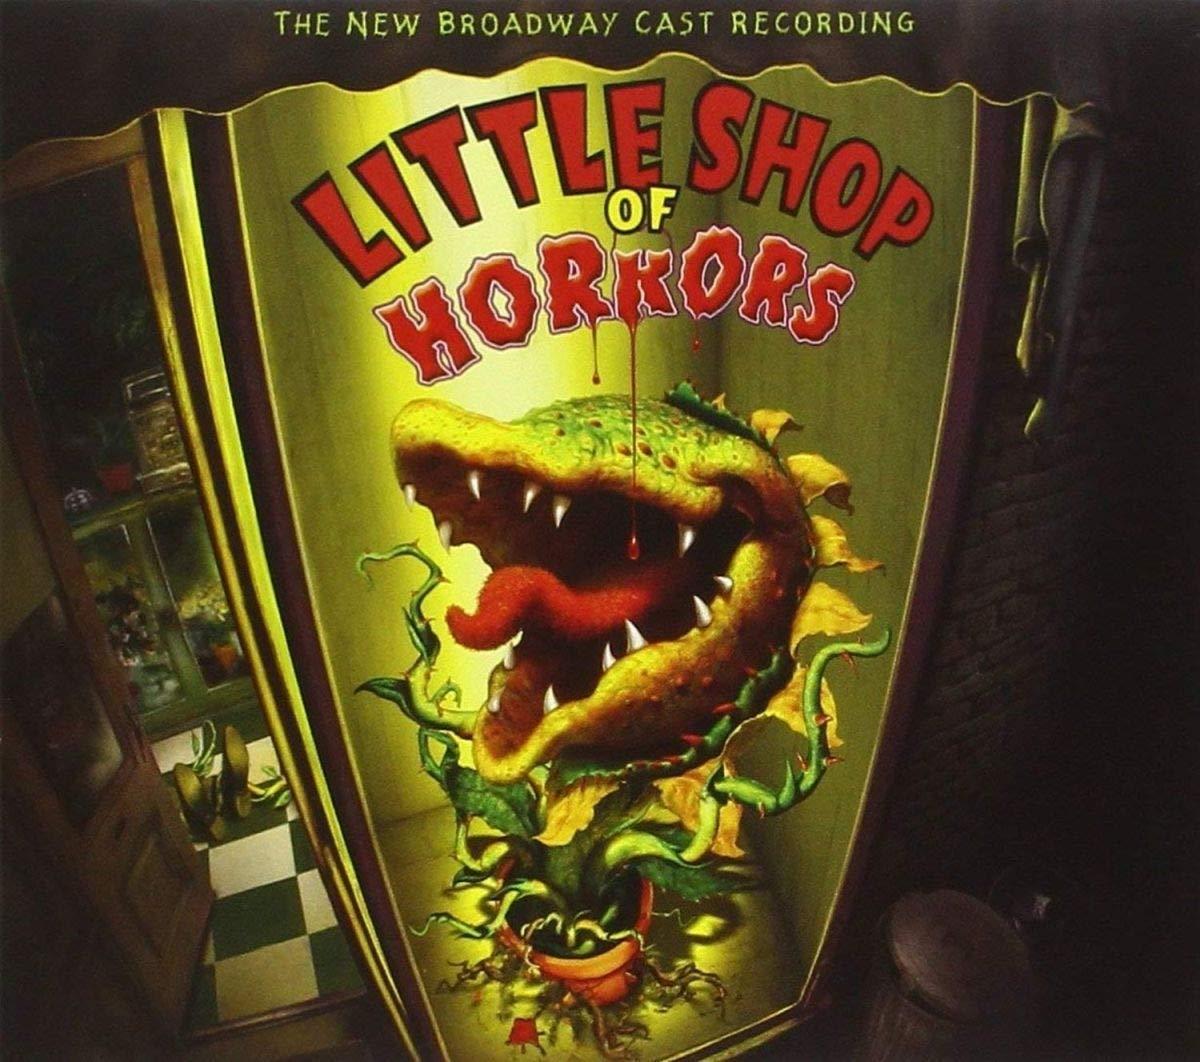 Alan Menken, Howard Ashman, Kerry Butler - Little Shop of Horrors ...